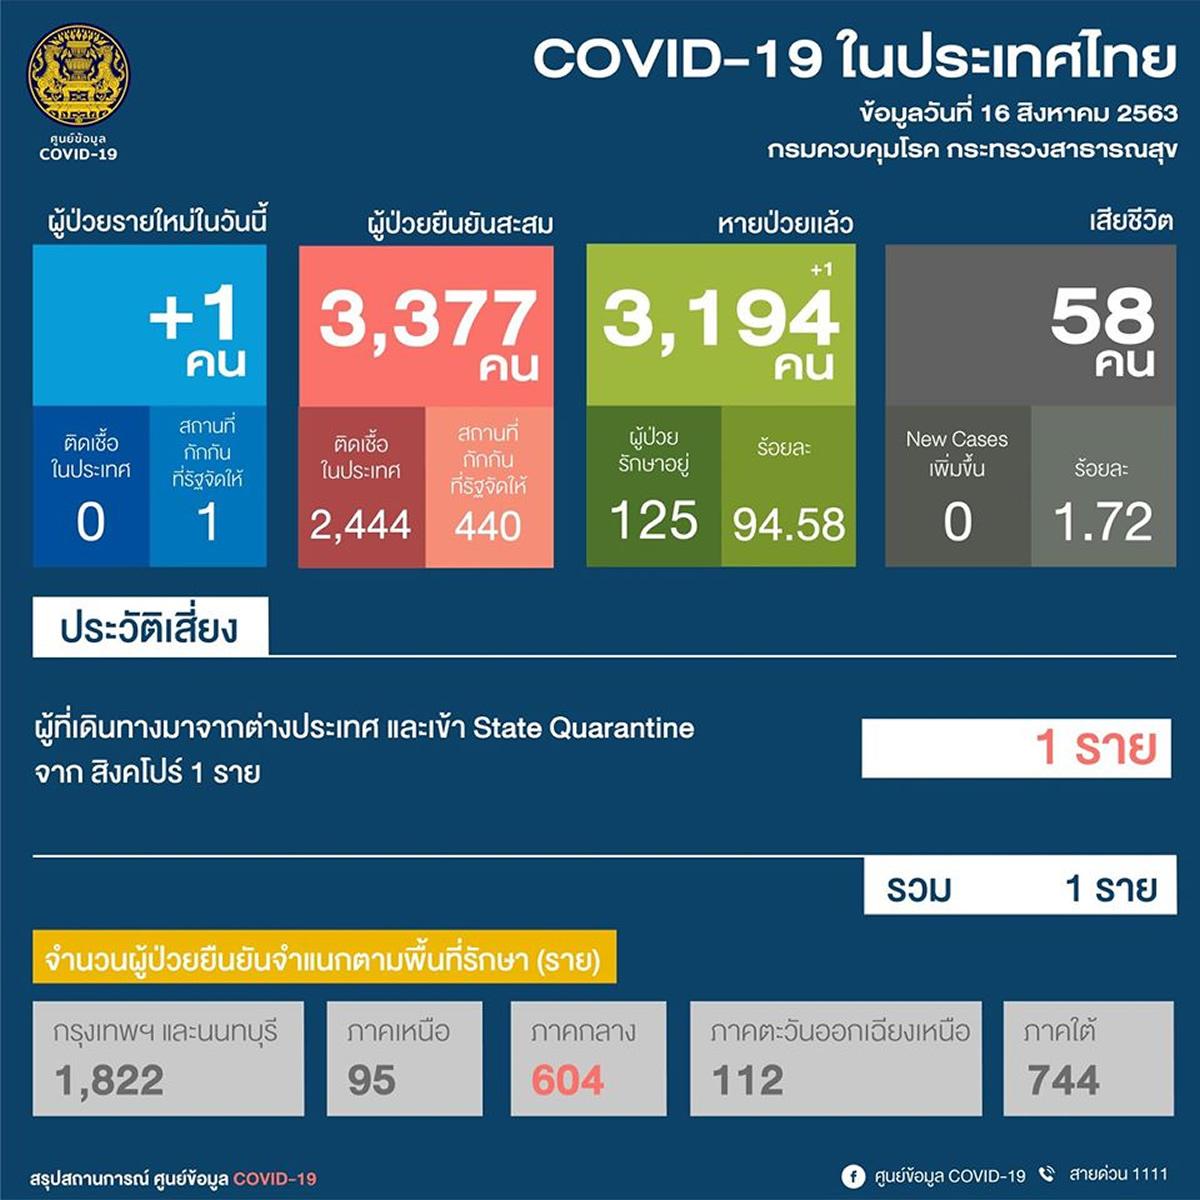 新規はシンガポールから帰国のタイ人男性、タイ国内では83日連続確認なし<2020年8月16日>